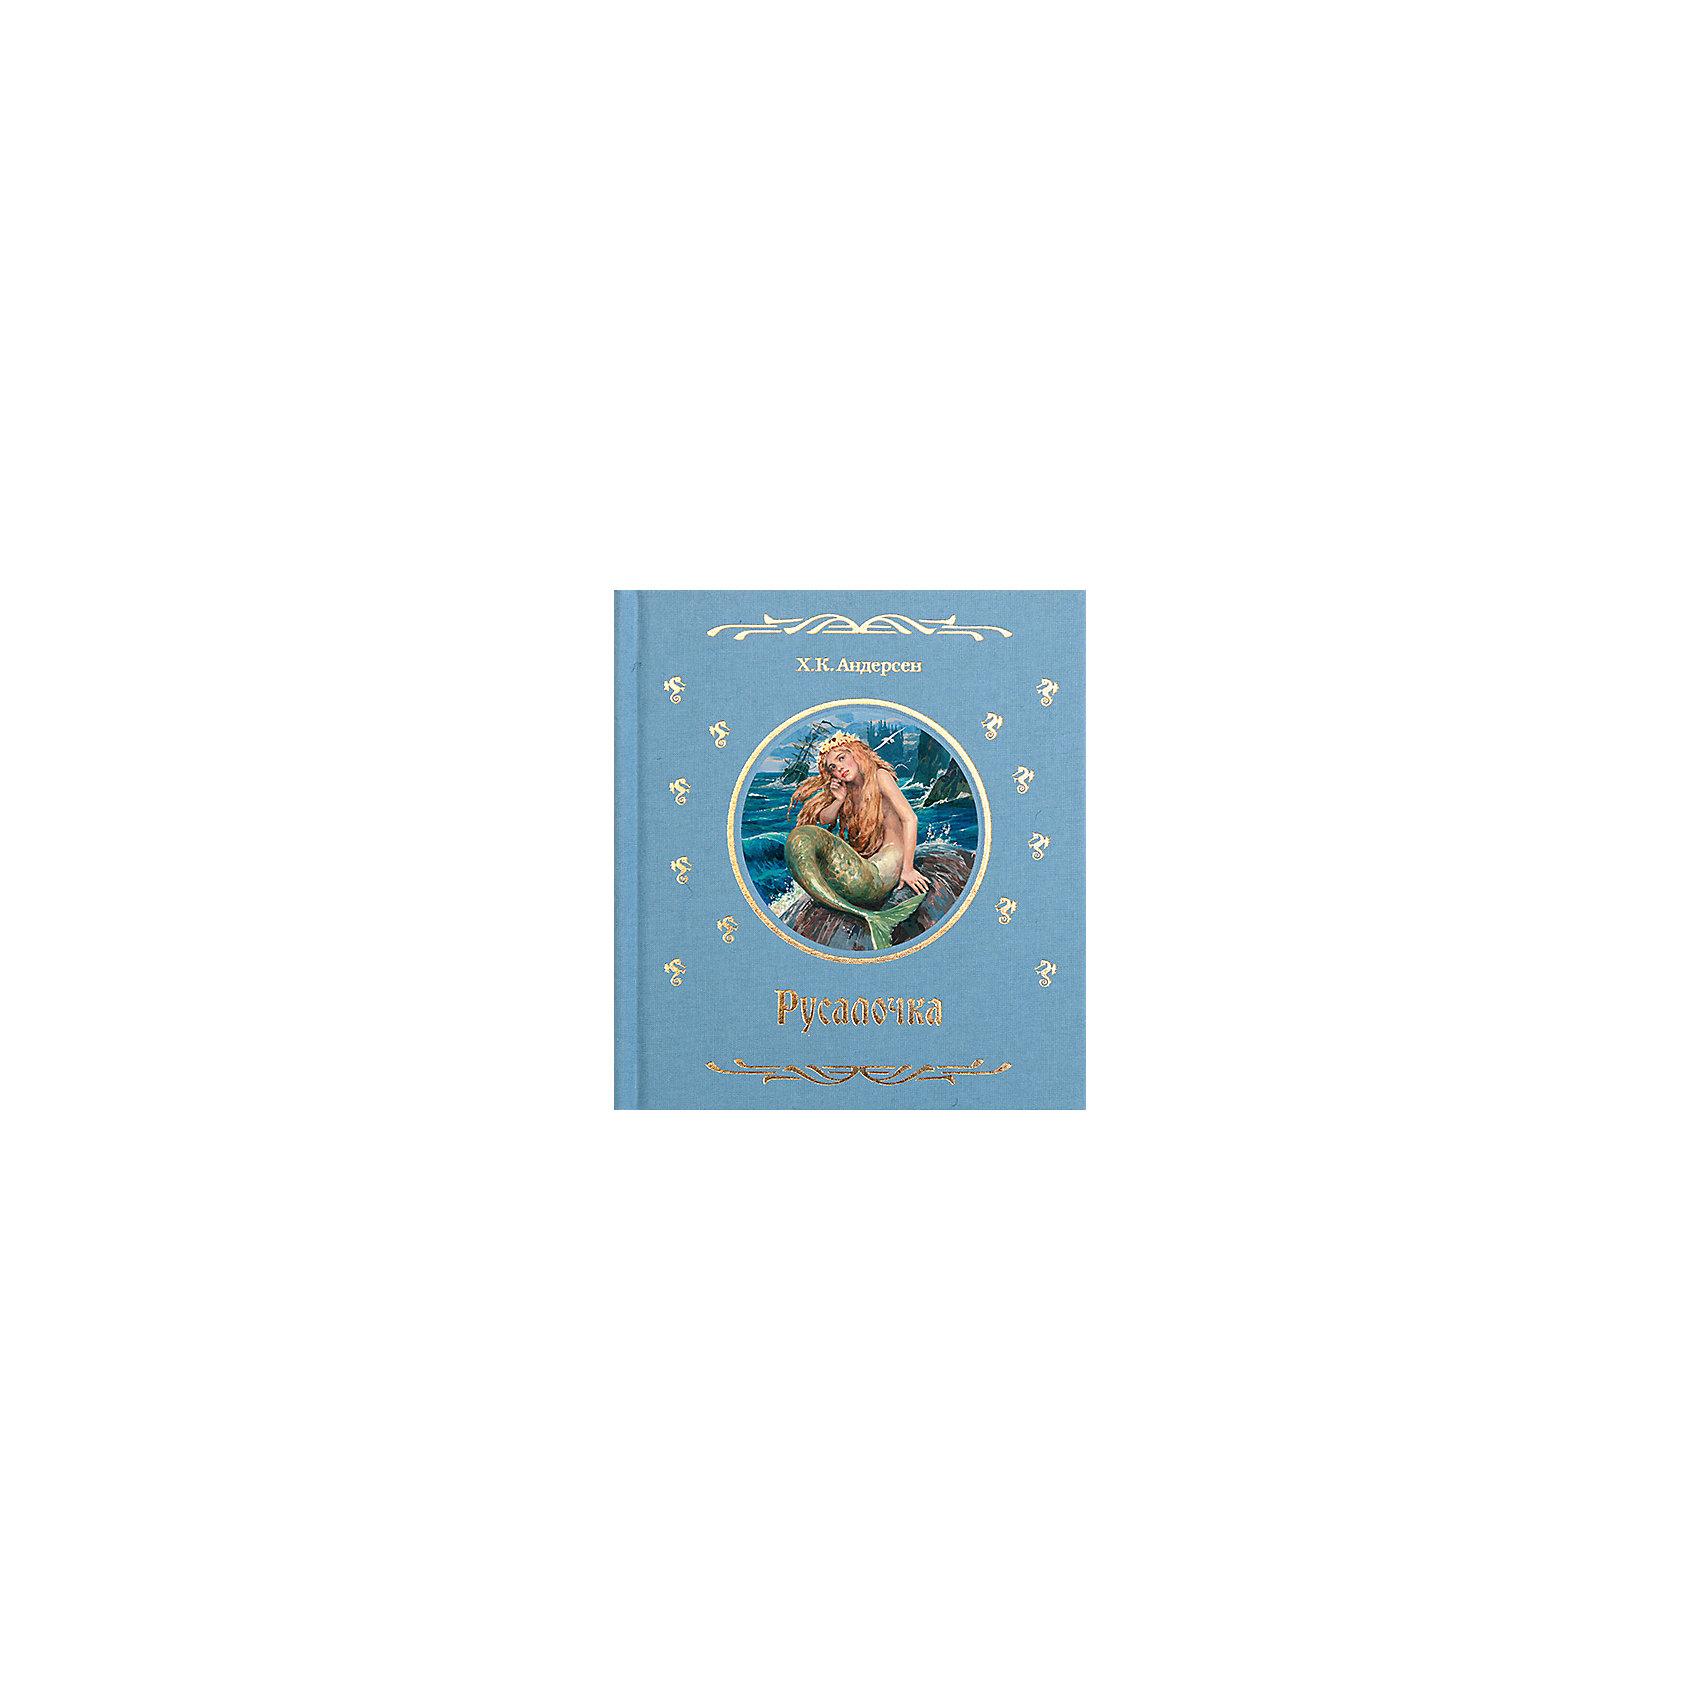 Русалочка, Х.К. АндерсенСказки, рассказы, стихи<br>Русалочка - это произведение Великого датского сказочника Ханса Кристиана Андерсена. Его удивительные и чудесные истории не всегда хорошо кончаются, но они учат добру и человечности. Русалочка - это грустная, но светлая сказка о нежной любви и настоящей верности.<br><br>Дополнительная информация:<br><br>Автор: Ханса Кристиана Андерсена;<br>Формат: 16х14,5 см;<br>Переплет: твердый переплет;<br>Иллюстрации: цветные;<br>Страниц: 96;<br>Вес: 260 г.;<br>Производитель: Махаон, Россия.<br>Год выпуска: 2008г.<br><br>Произведение  Ханса Кристиана Андерсена  Русалочка можно купить в нашем магазине.<br><br>Ширина мм: 160<br>Глубина мм: 145<br>Высота мм: 30<br>Вес г: 260<br>Возраст от месяцев: 36<br>Возраст до месяцев: 72<br>Пол: Унисекс<br>Возраст: Детский<br>SKU: 4725994